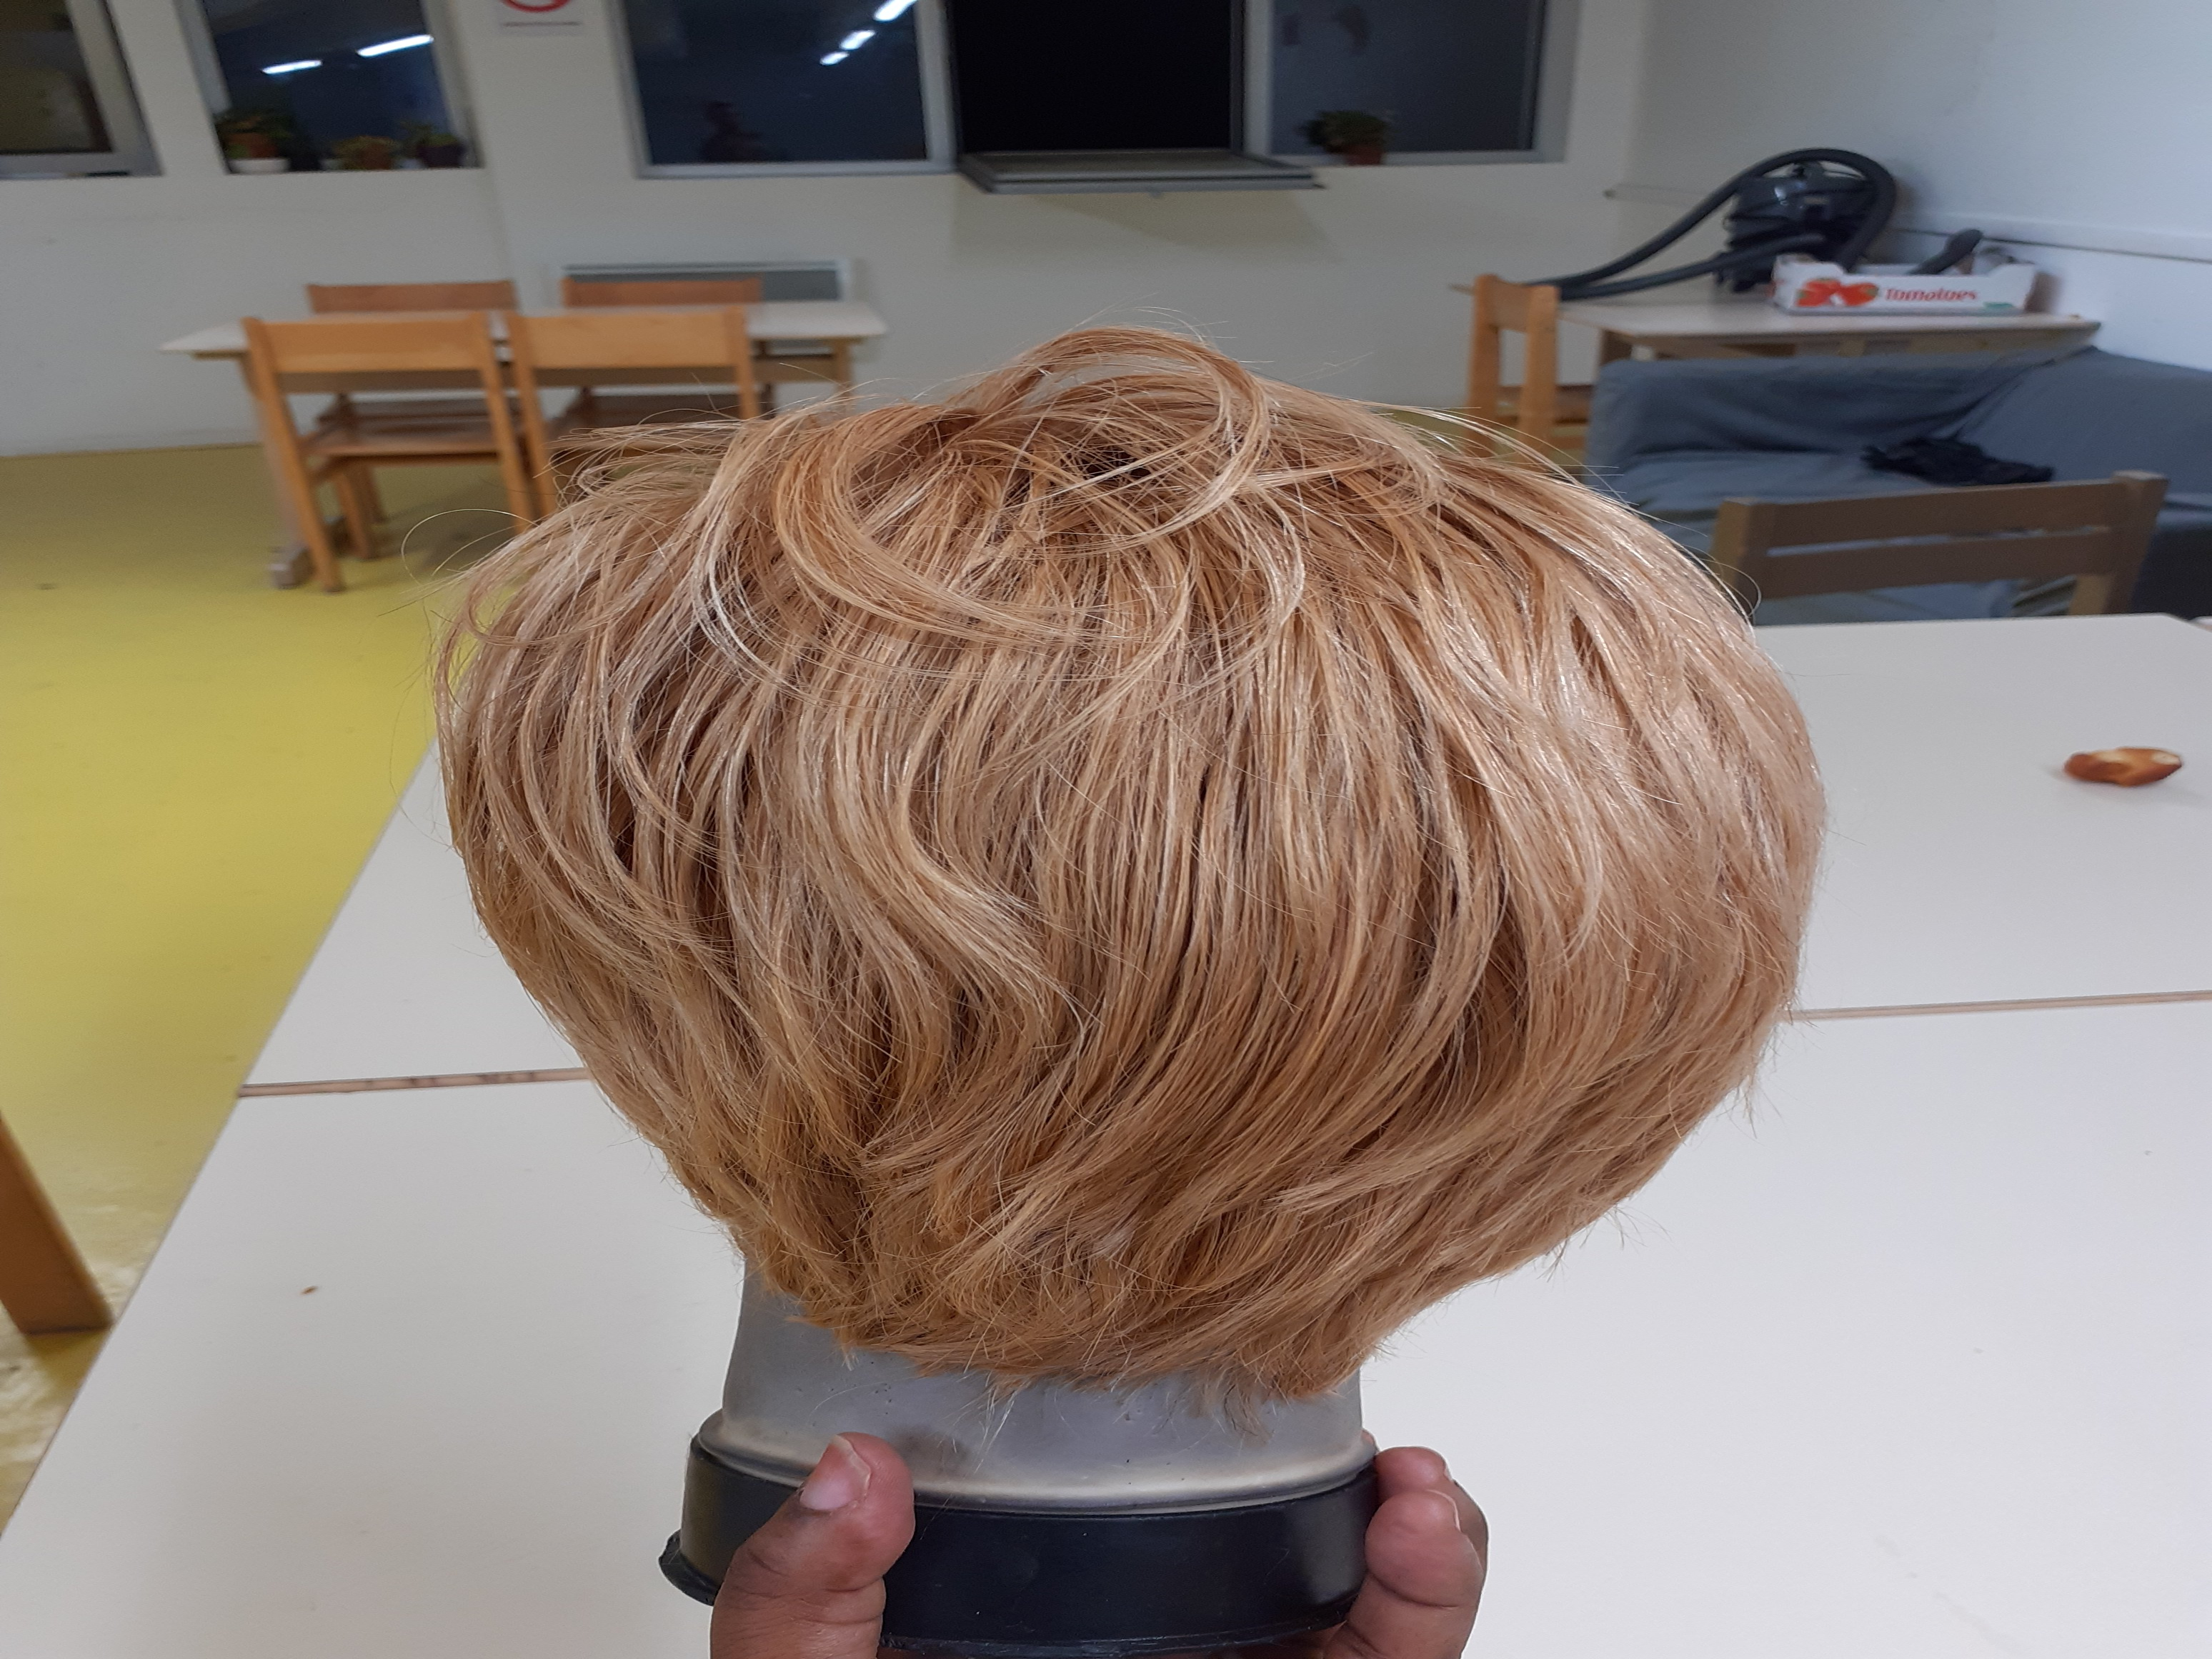 salon de coiffure afro tresse tresses box braids crochet braids vanilles tissages paris 75 77 78 91 92 93 94 95 QEBQKUXE